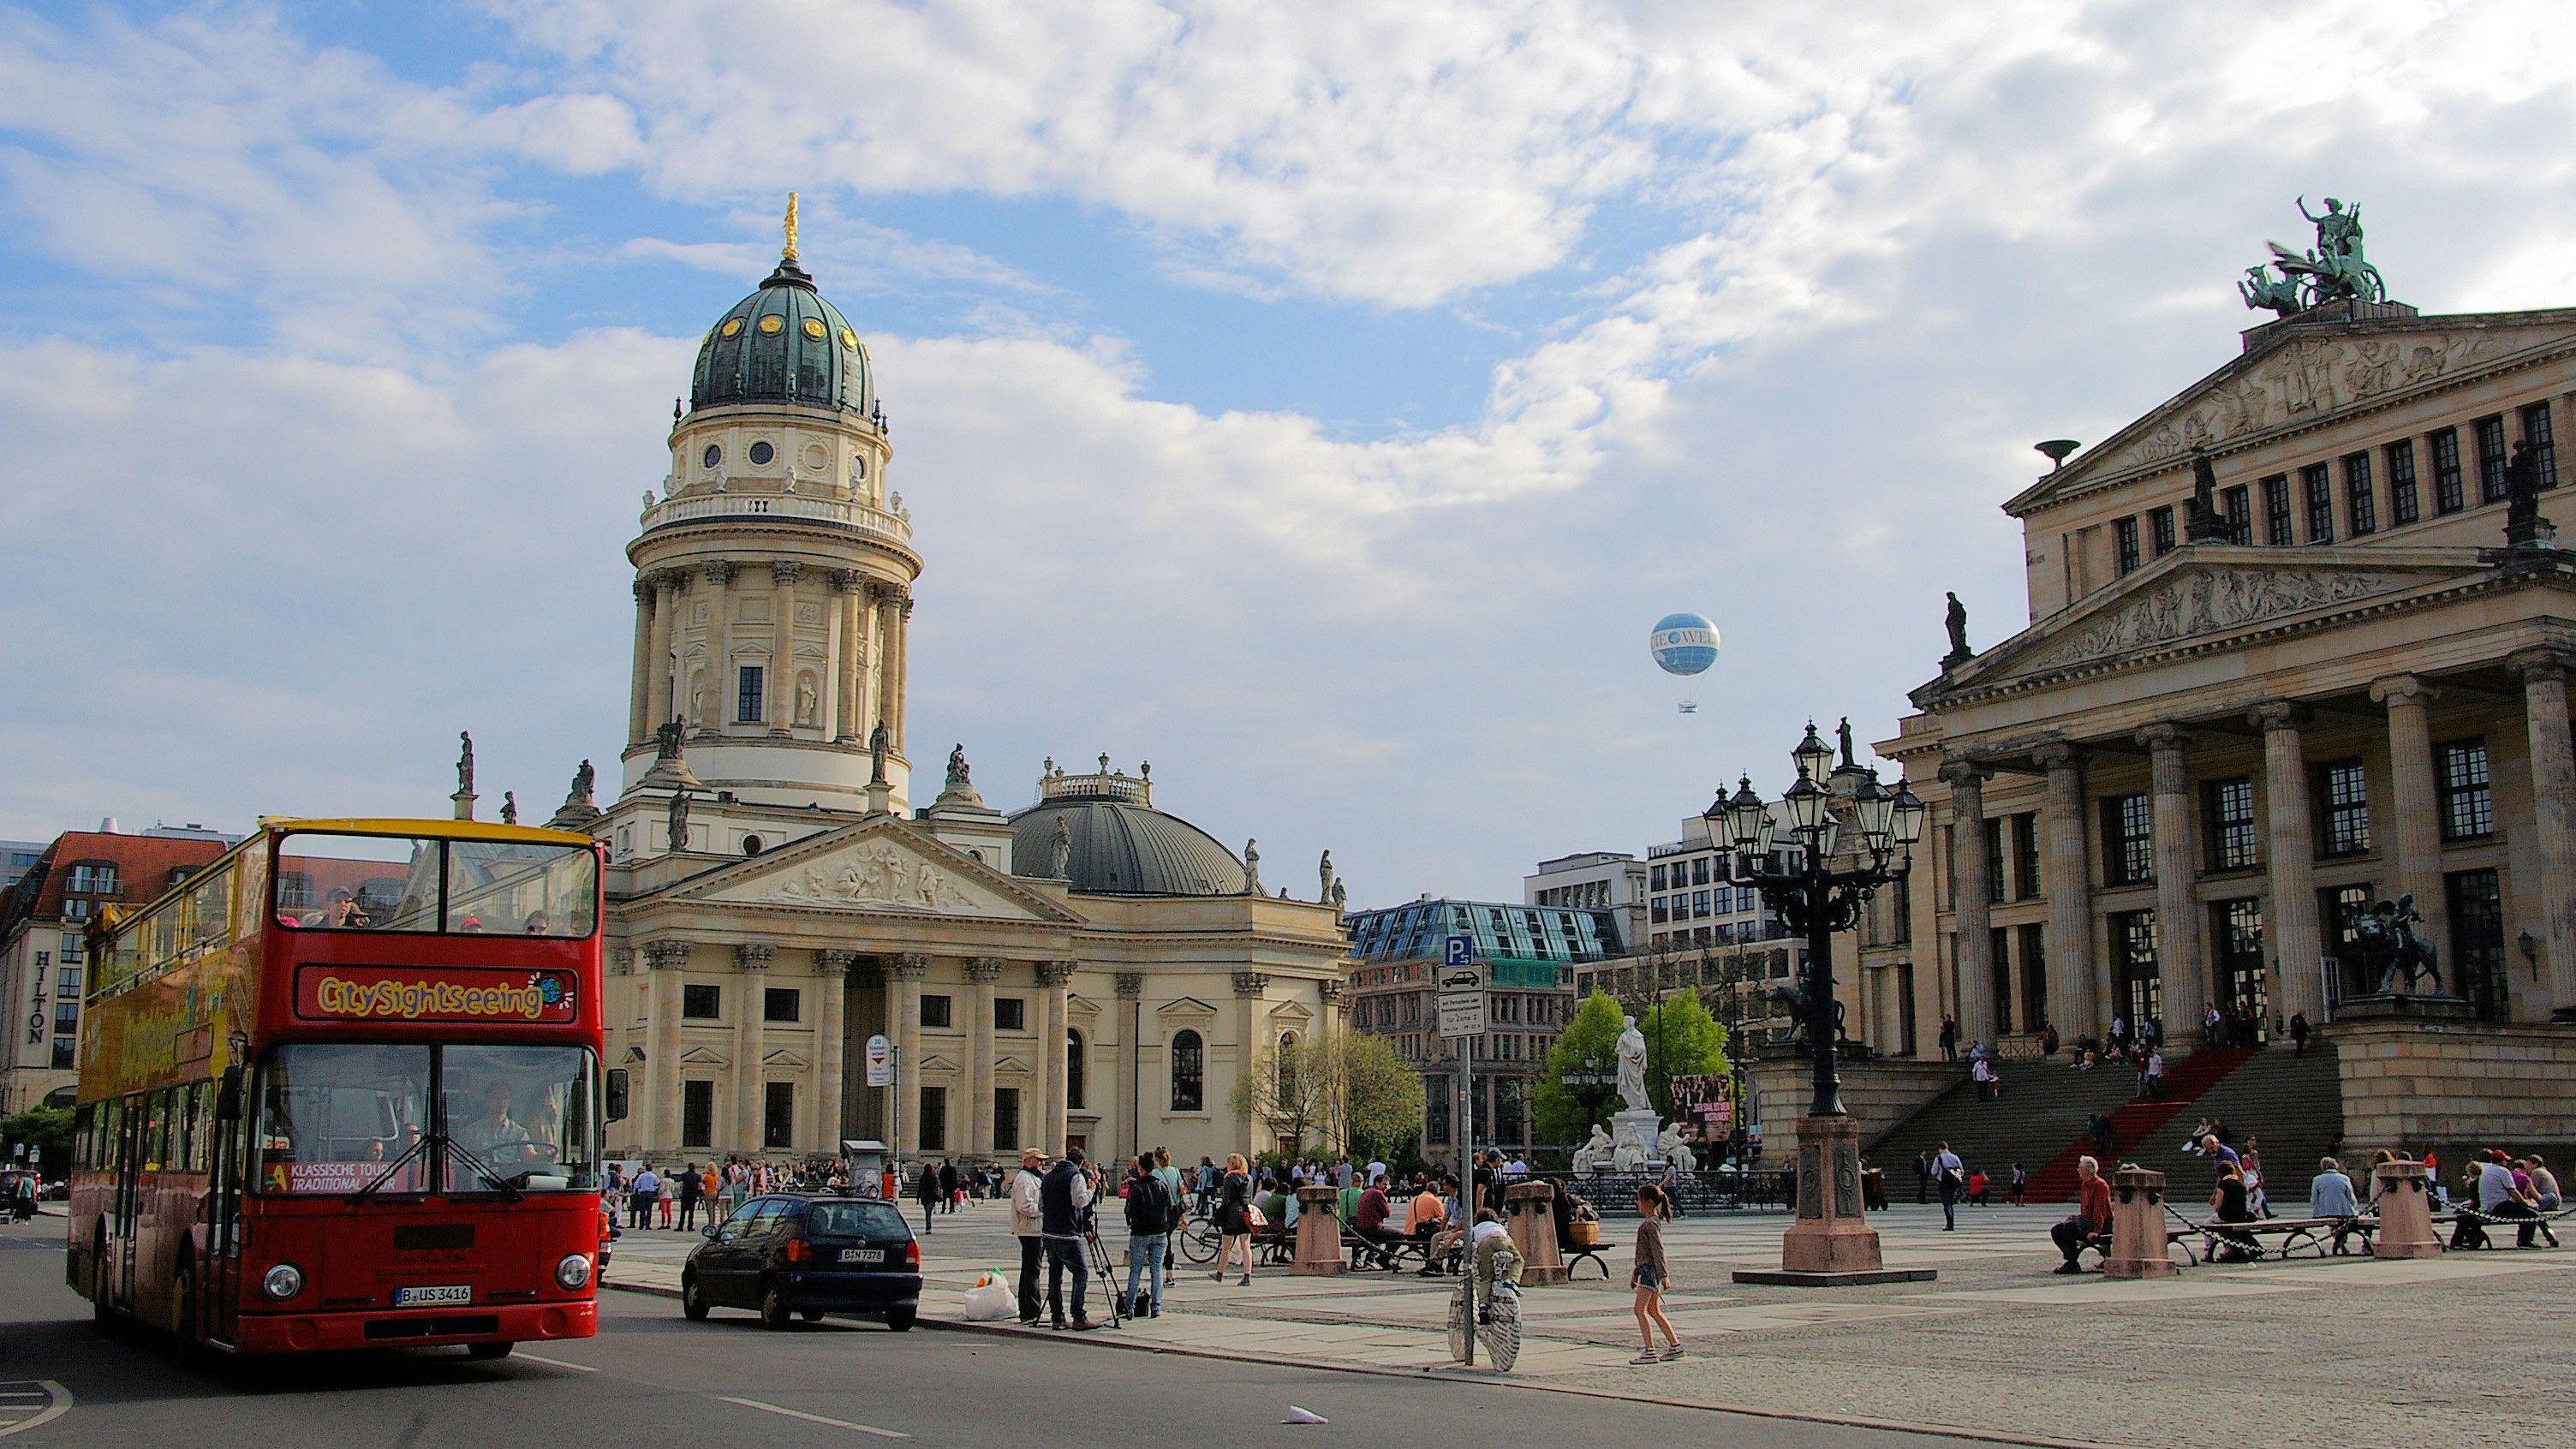 Shore Excursion: Berlin Hop-on Hop-off